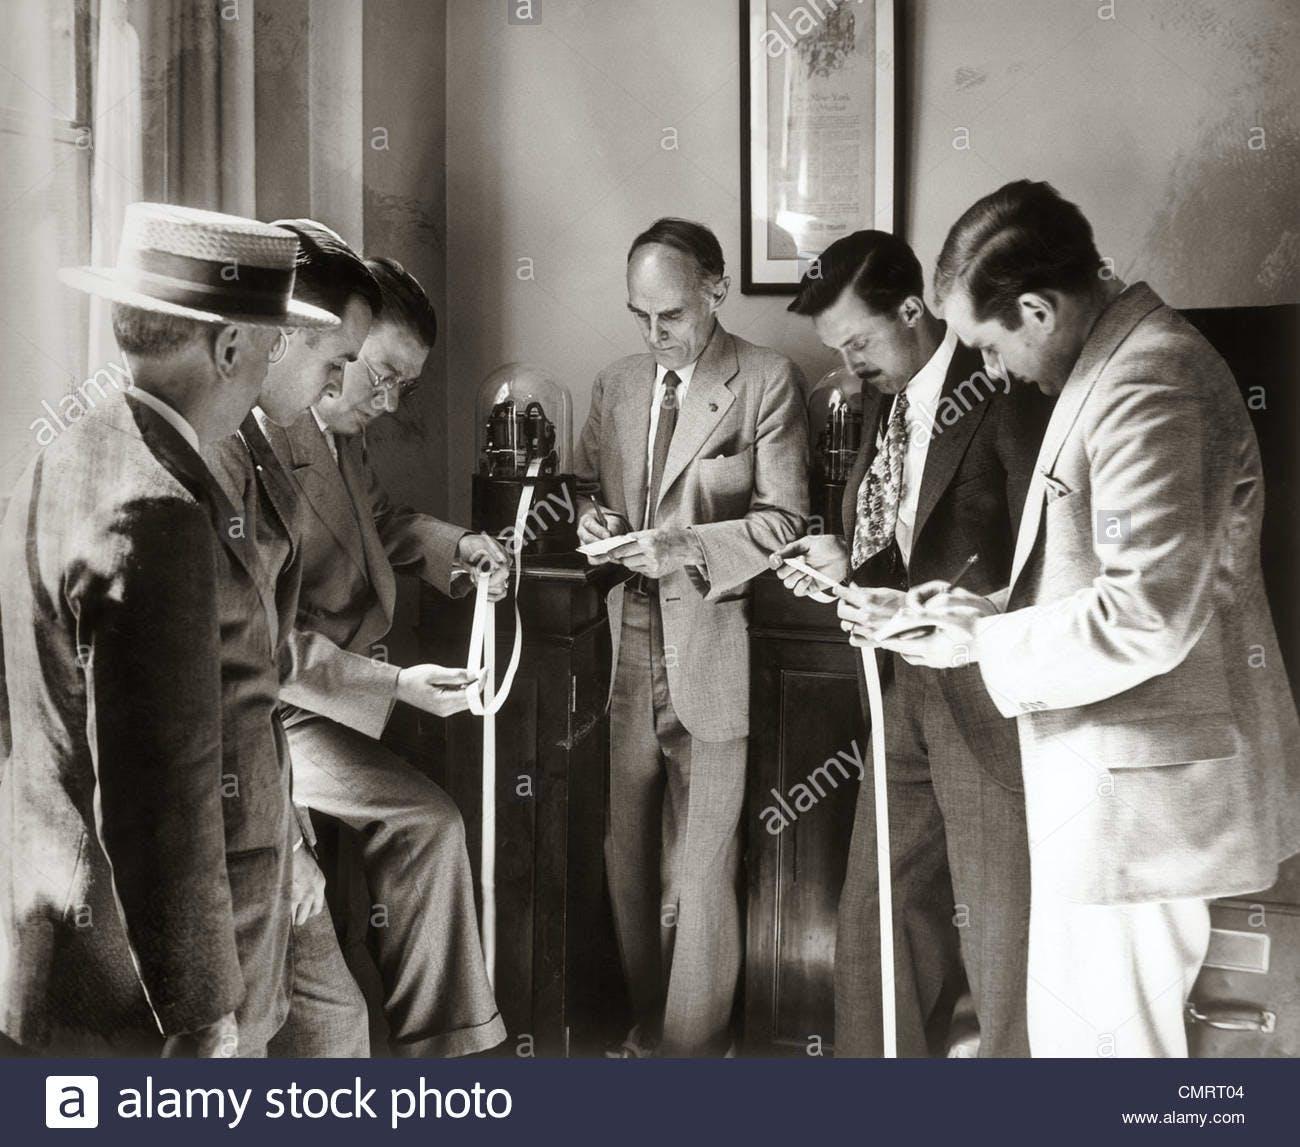 Brokers lendo fitas na década de 1930.